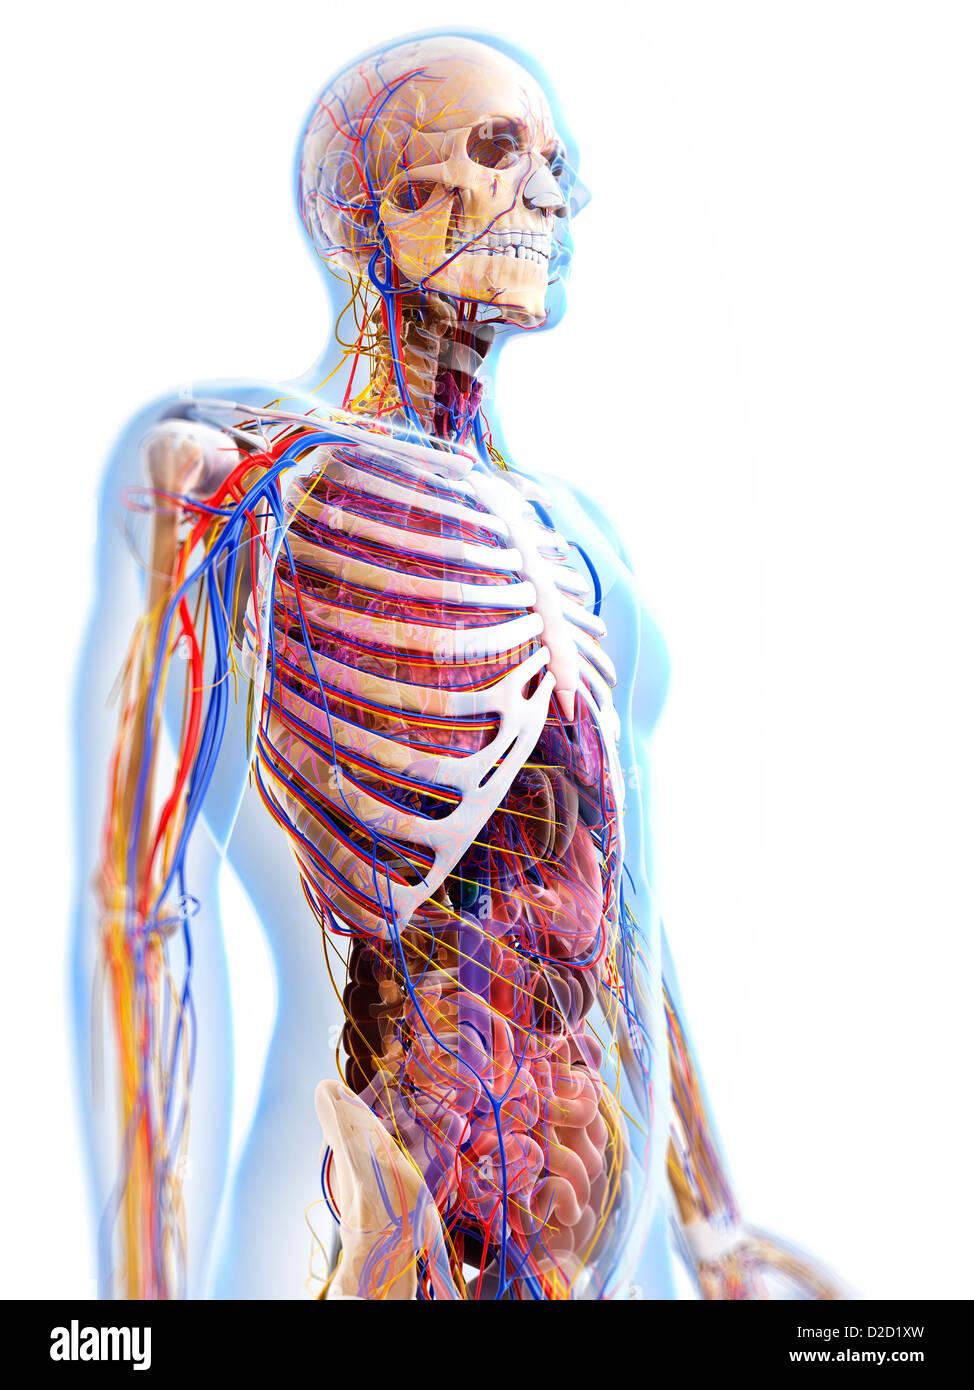 Menschliche Anatomie Computer Grafik Stockfoto, Bild: 53147329 - Alamy